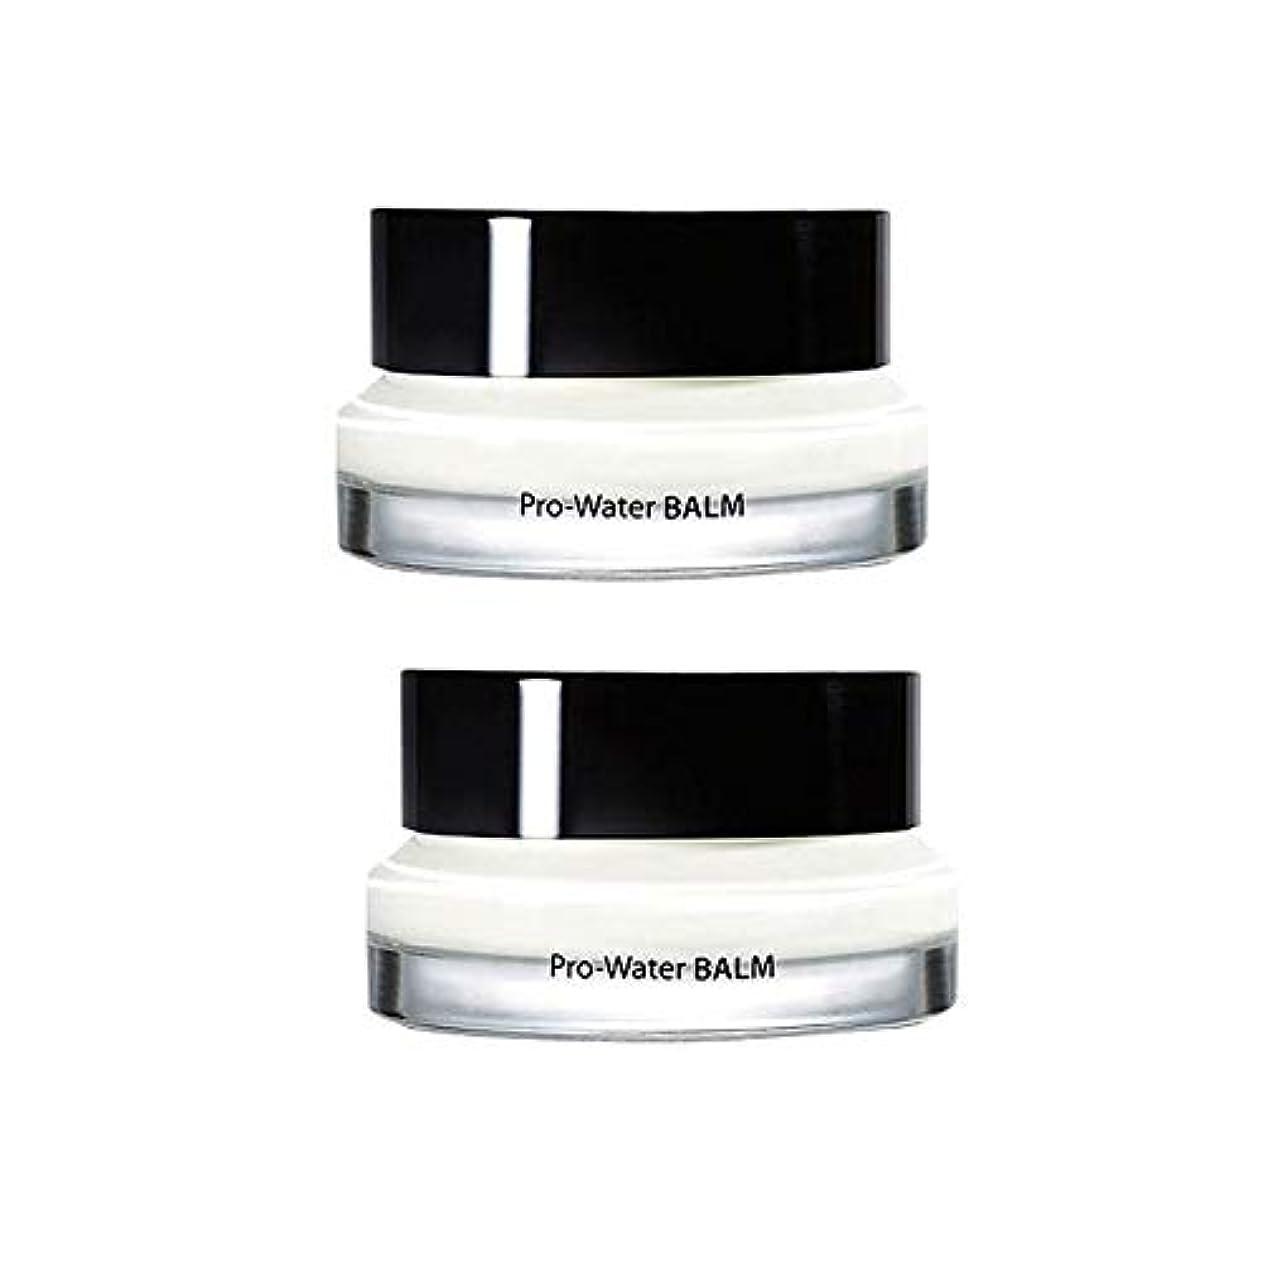 無関心閉じる境界ルナプロウォーターbalm 50mlx2本セット韓国コスメ、Luna Pro-Water Balm 50ml x 2ea Set Korean Cosmetics [並行輸入品]